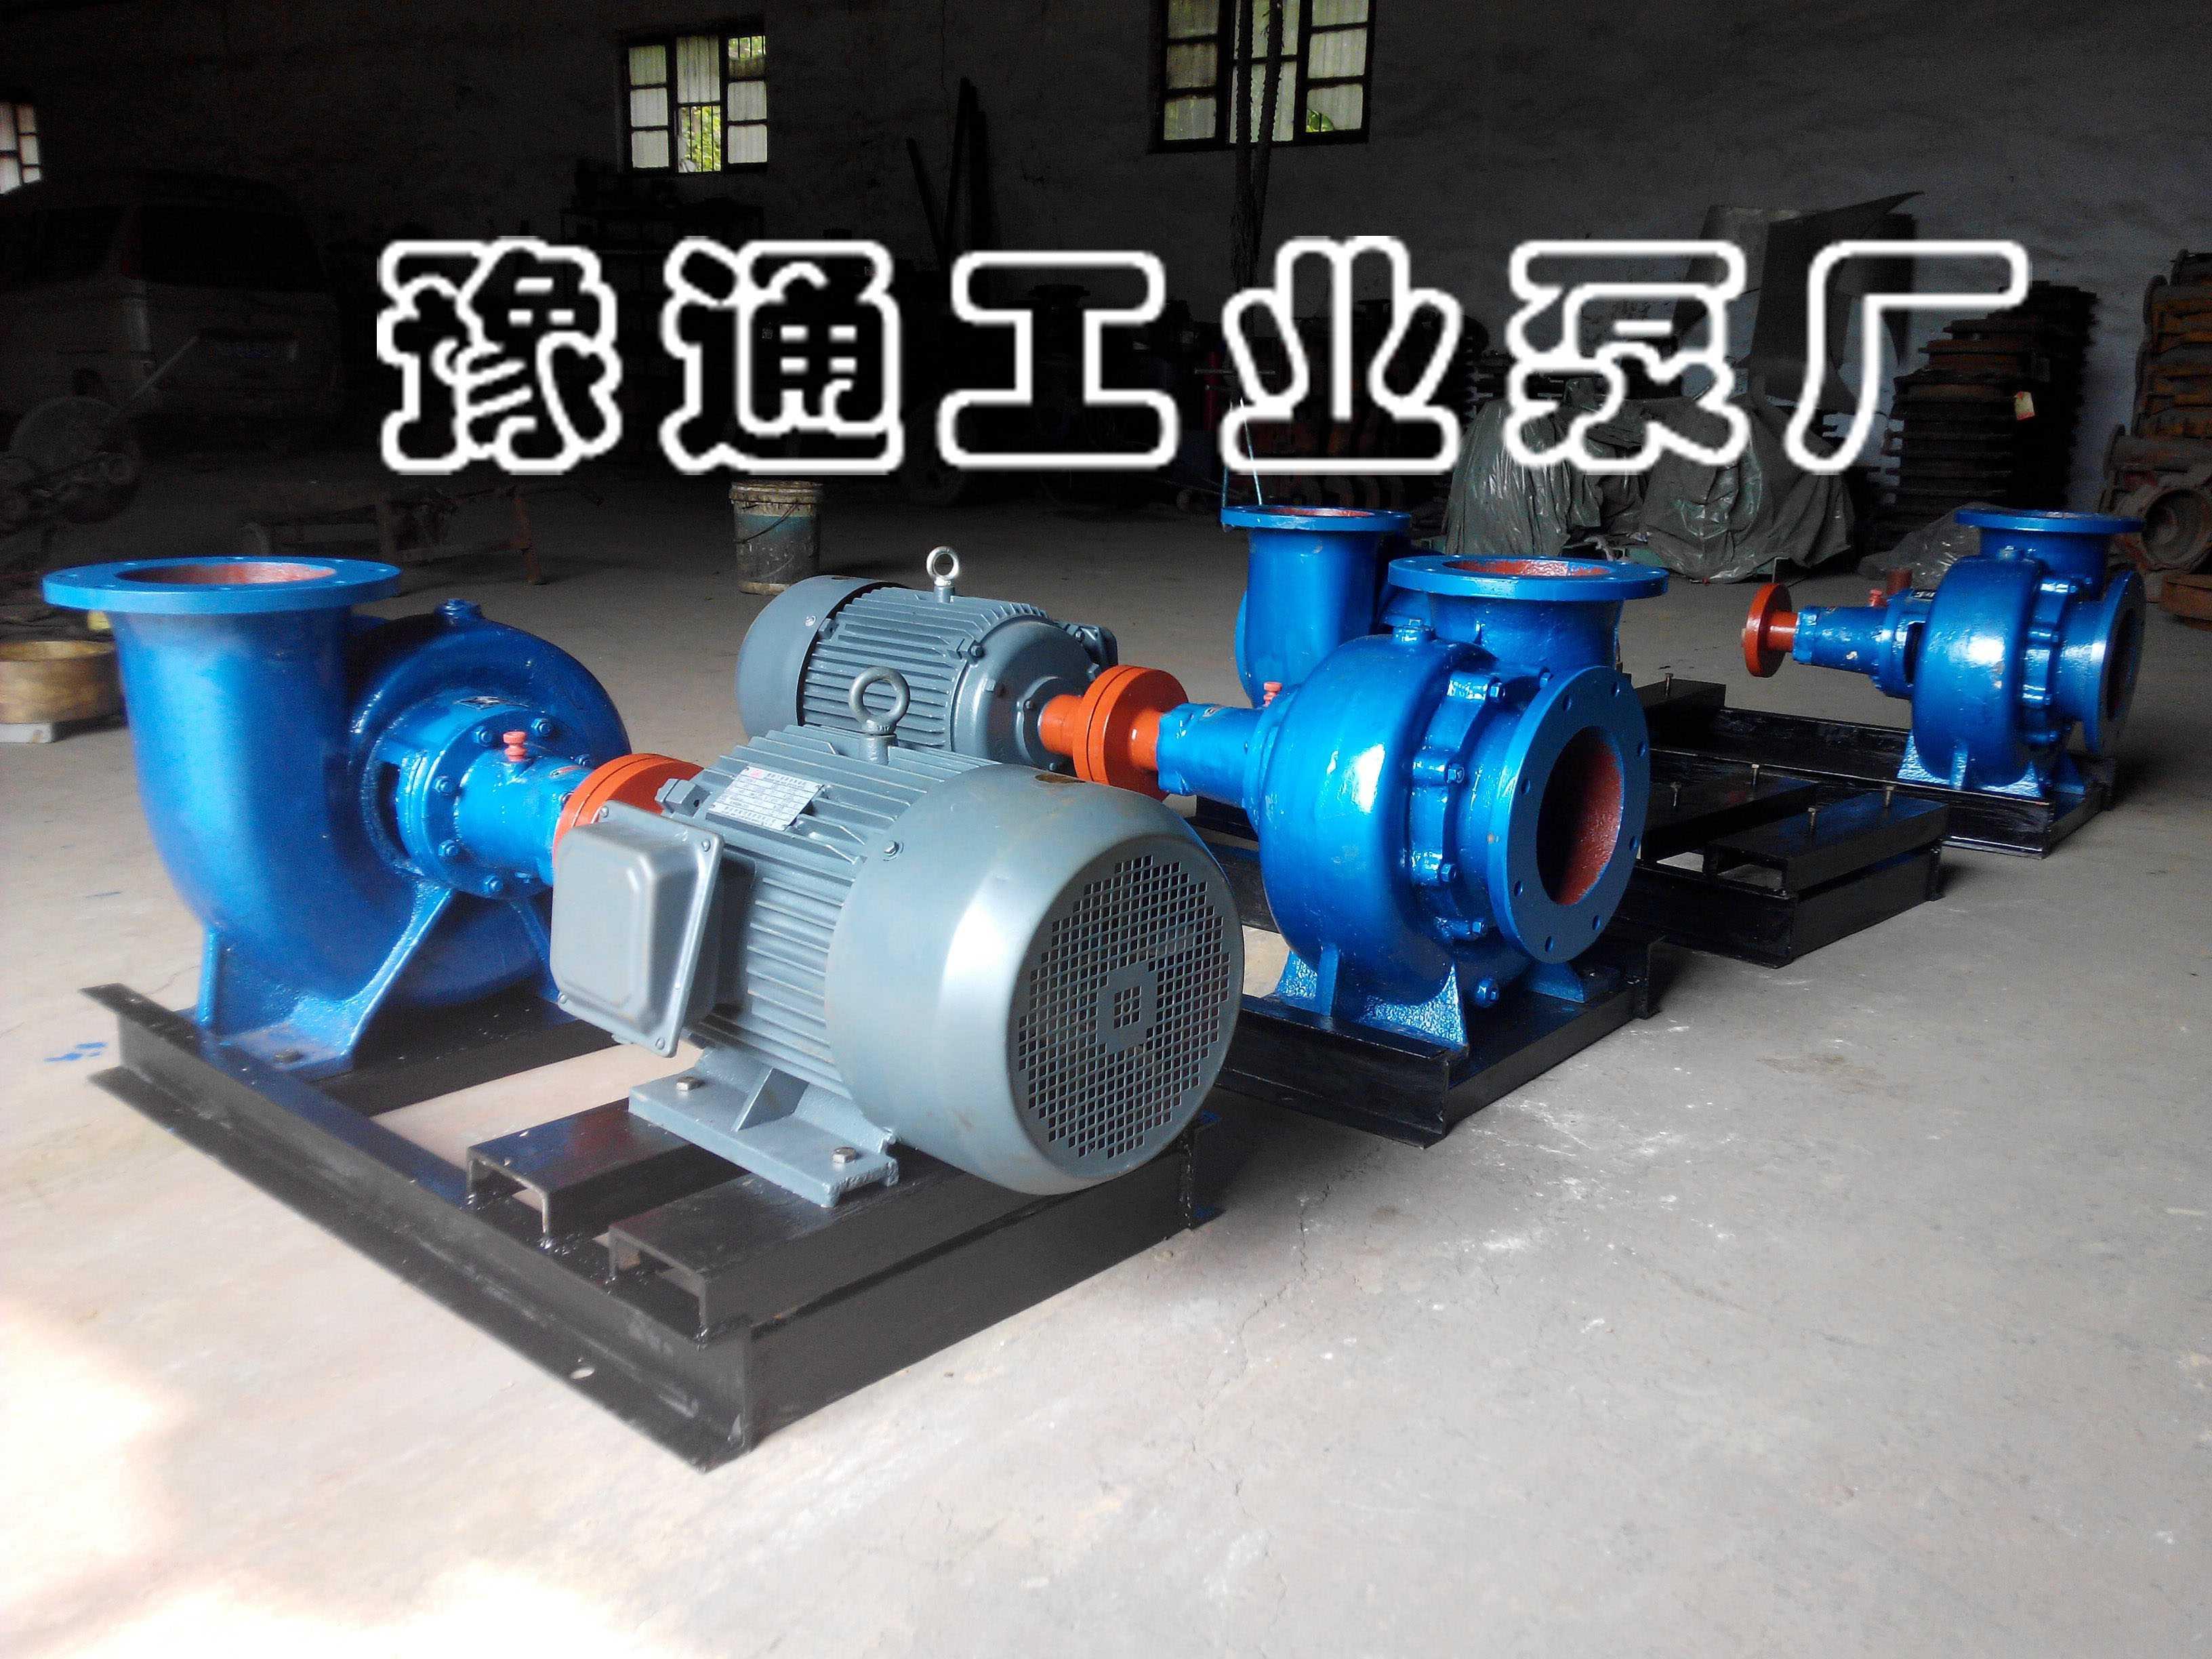 优质河南新乡产HW蜗壳式混流泵|质量超群的河南新乡产HW蜗壳式混流泵在哪买